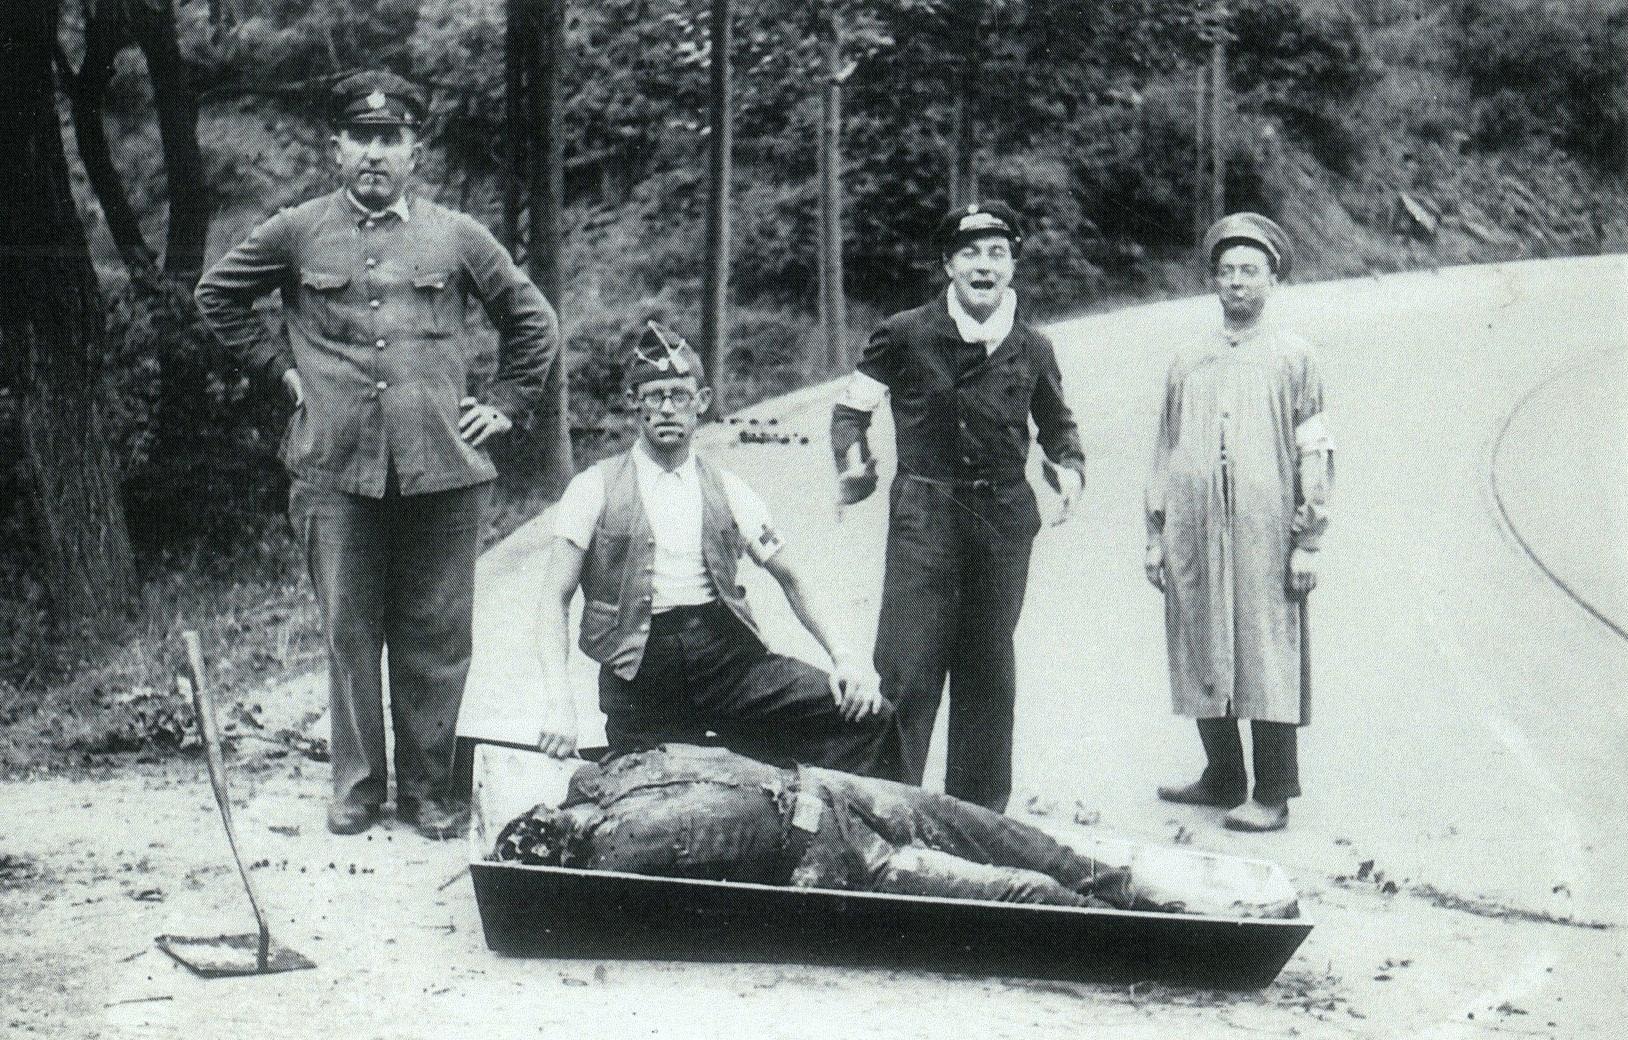 Bombers de Barcelona amb un cadàver, l'home segurament va ser assassinat a l'inici de la guerra civil